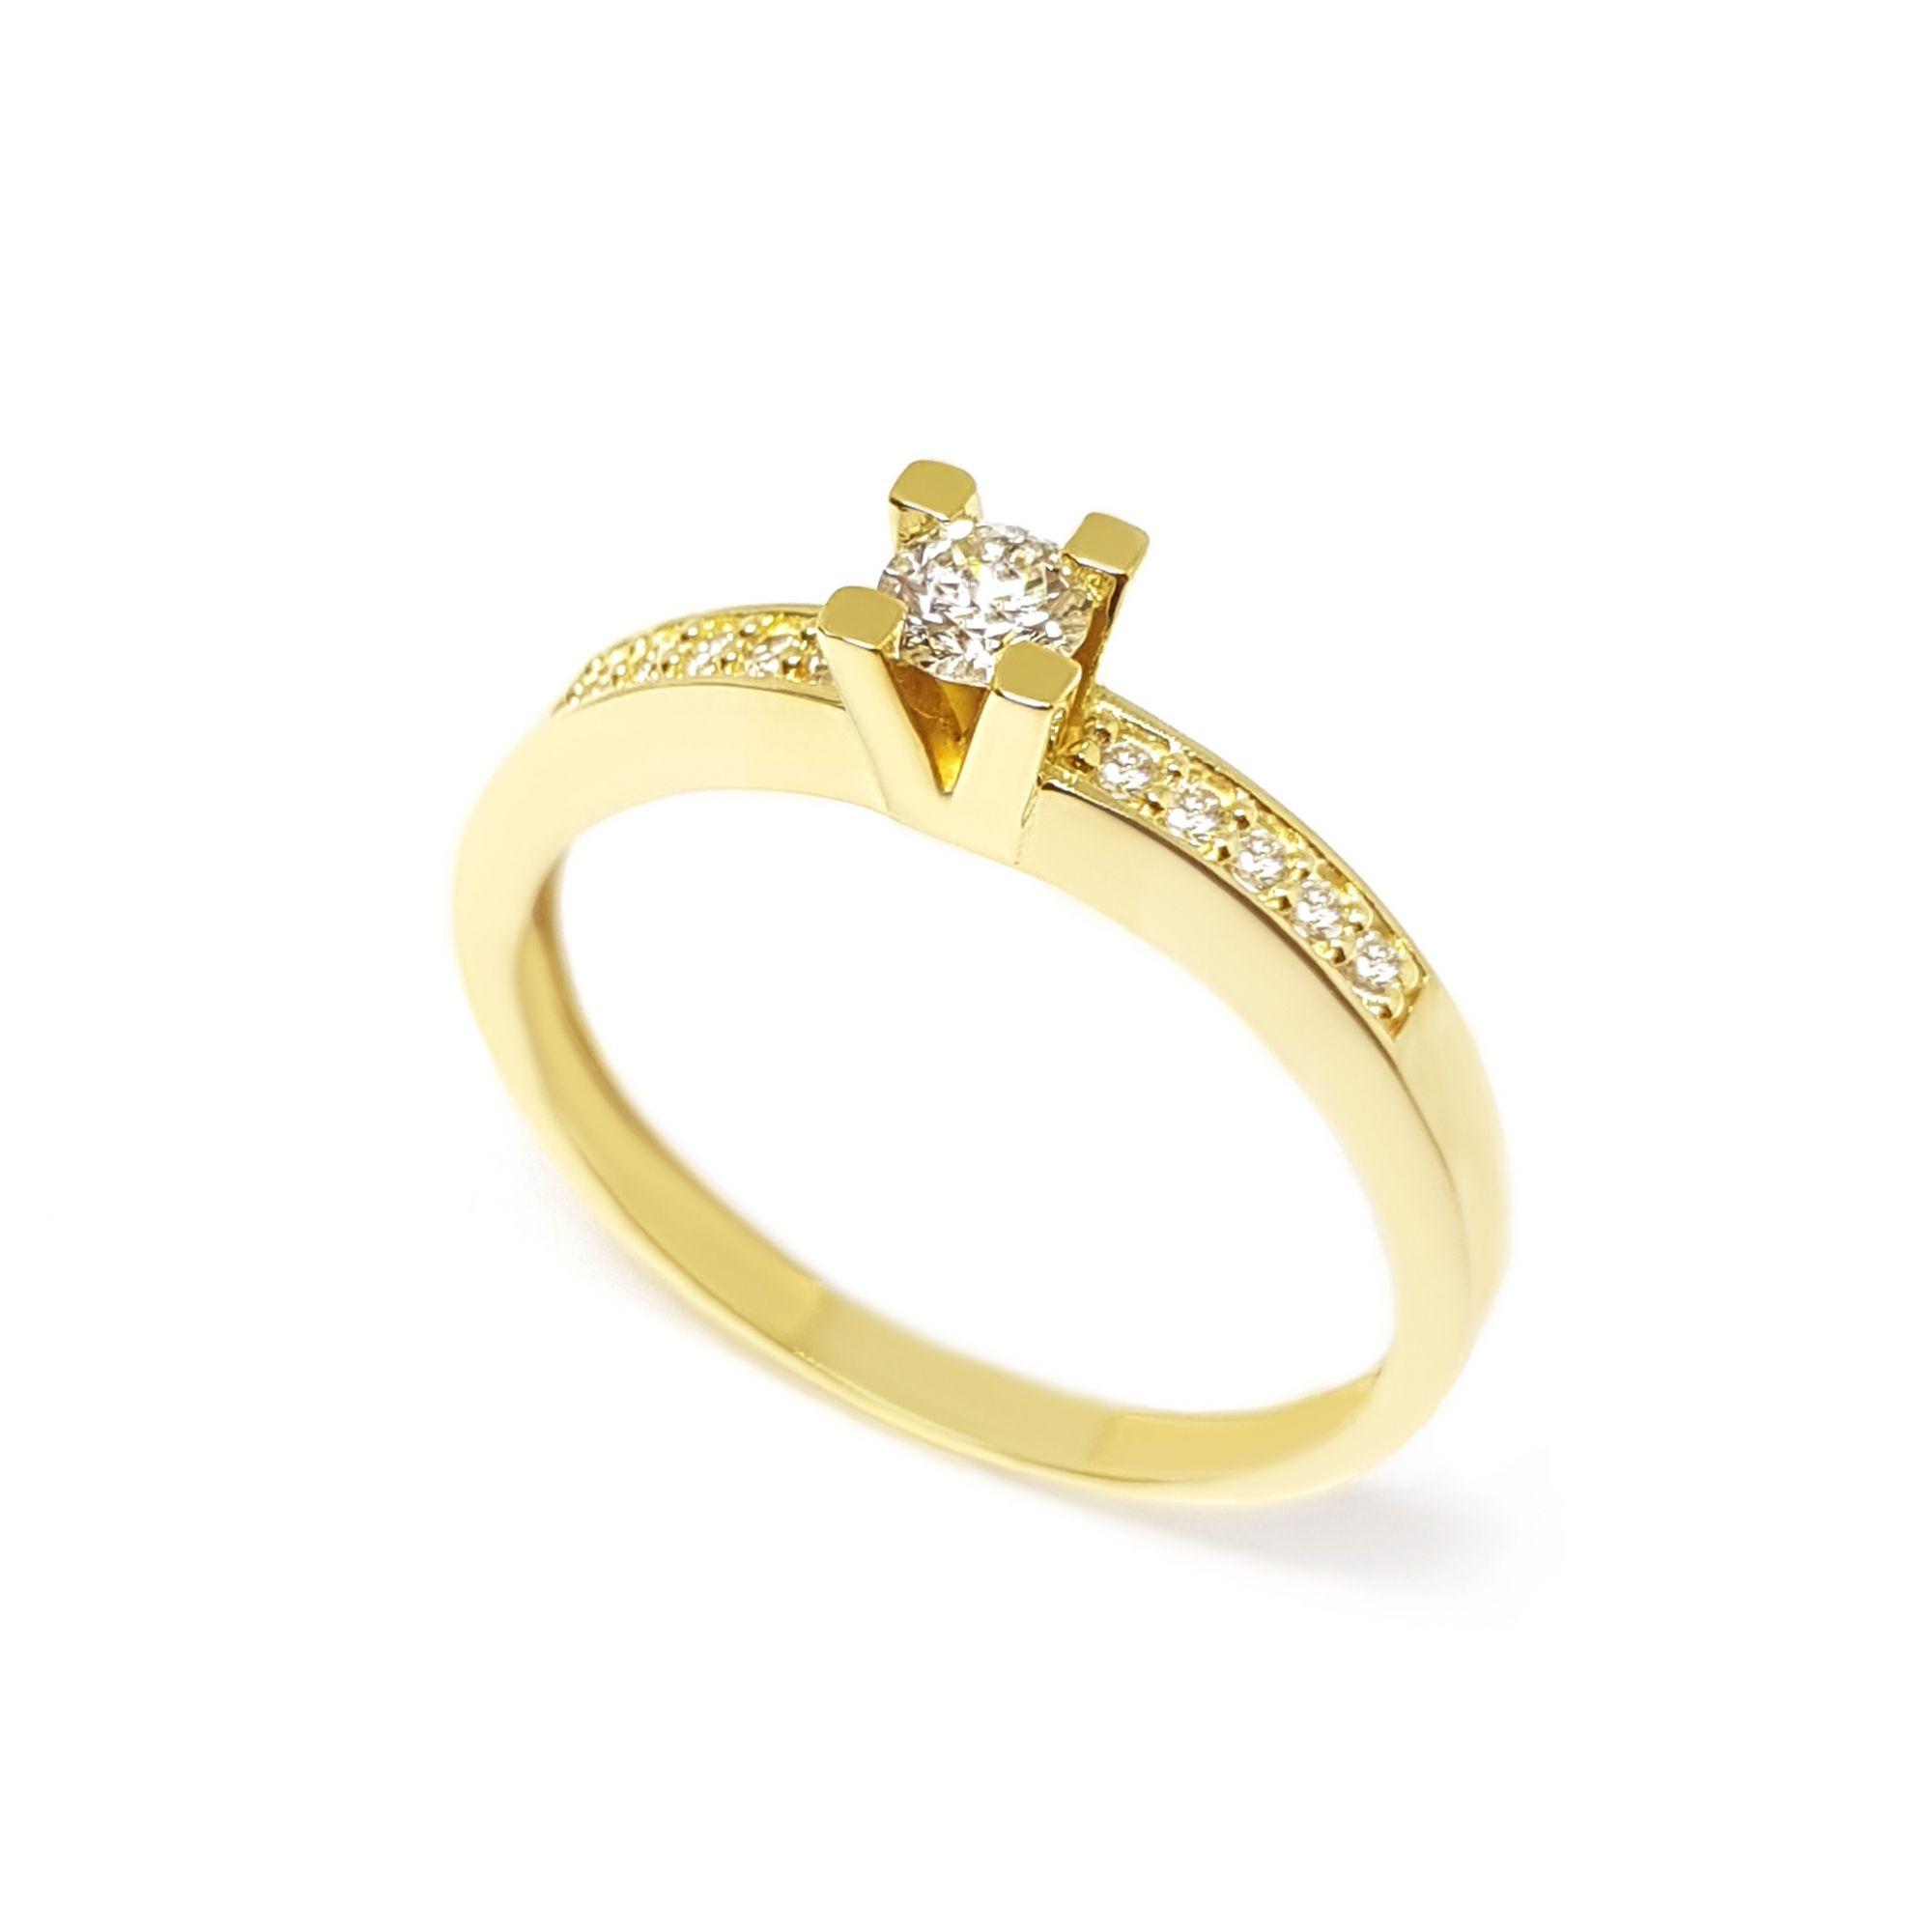 e1ccdf6819e Anel Solitário Ouro 18k com Diamantes e Diamante Central de 16 pontos